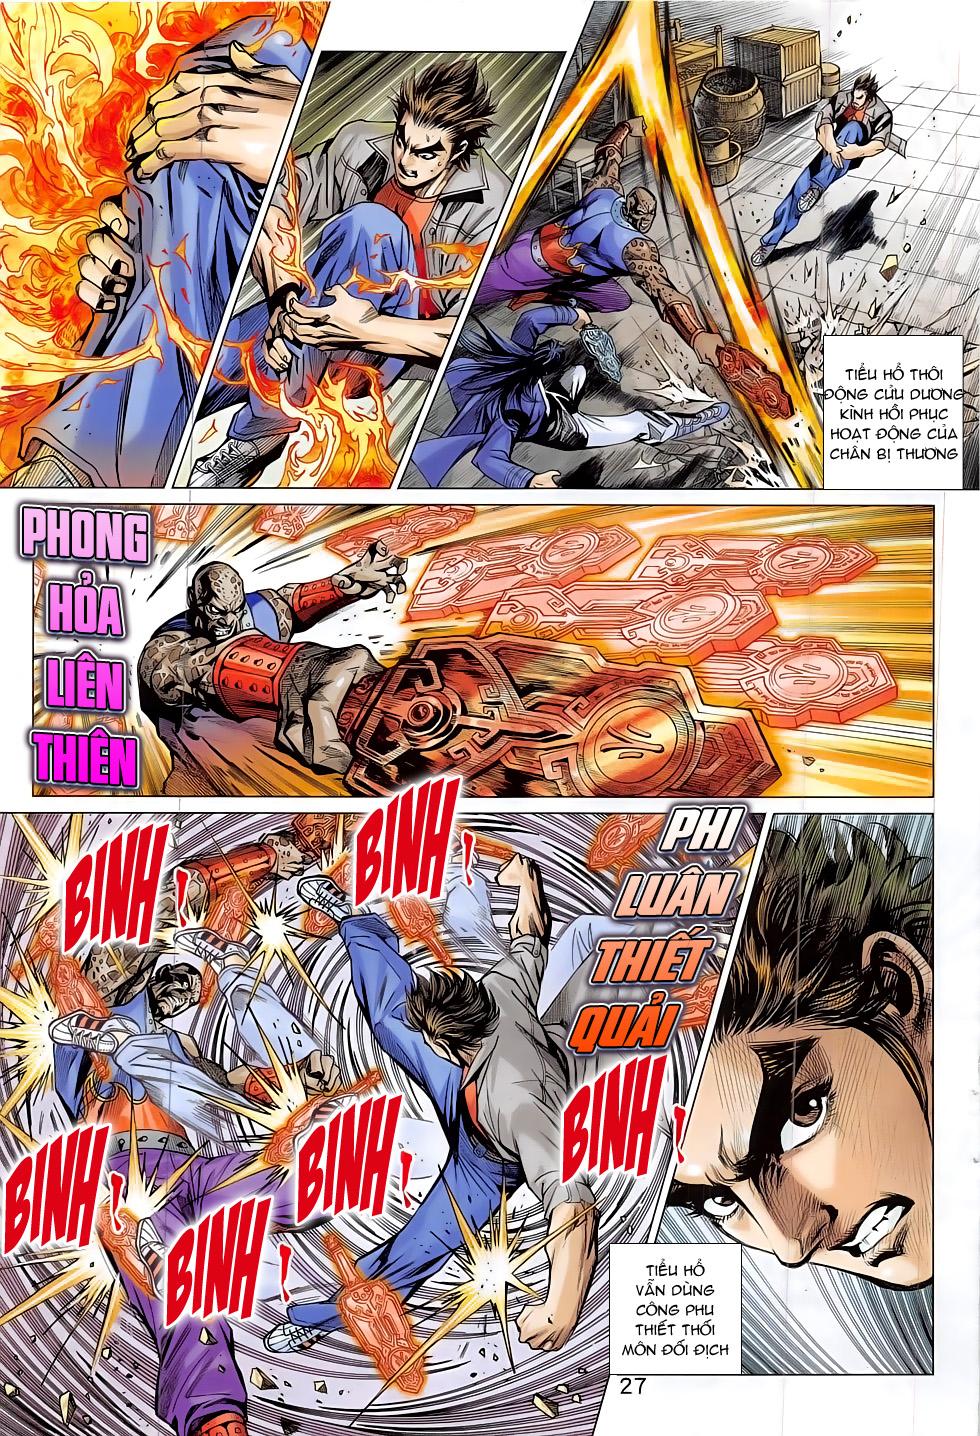 Tân Tác Long Hổ Môn chap 797 Trang 27 - Mangak.info